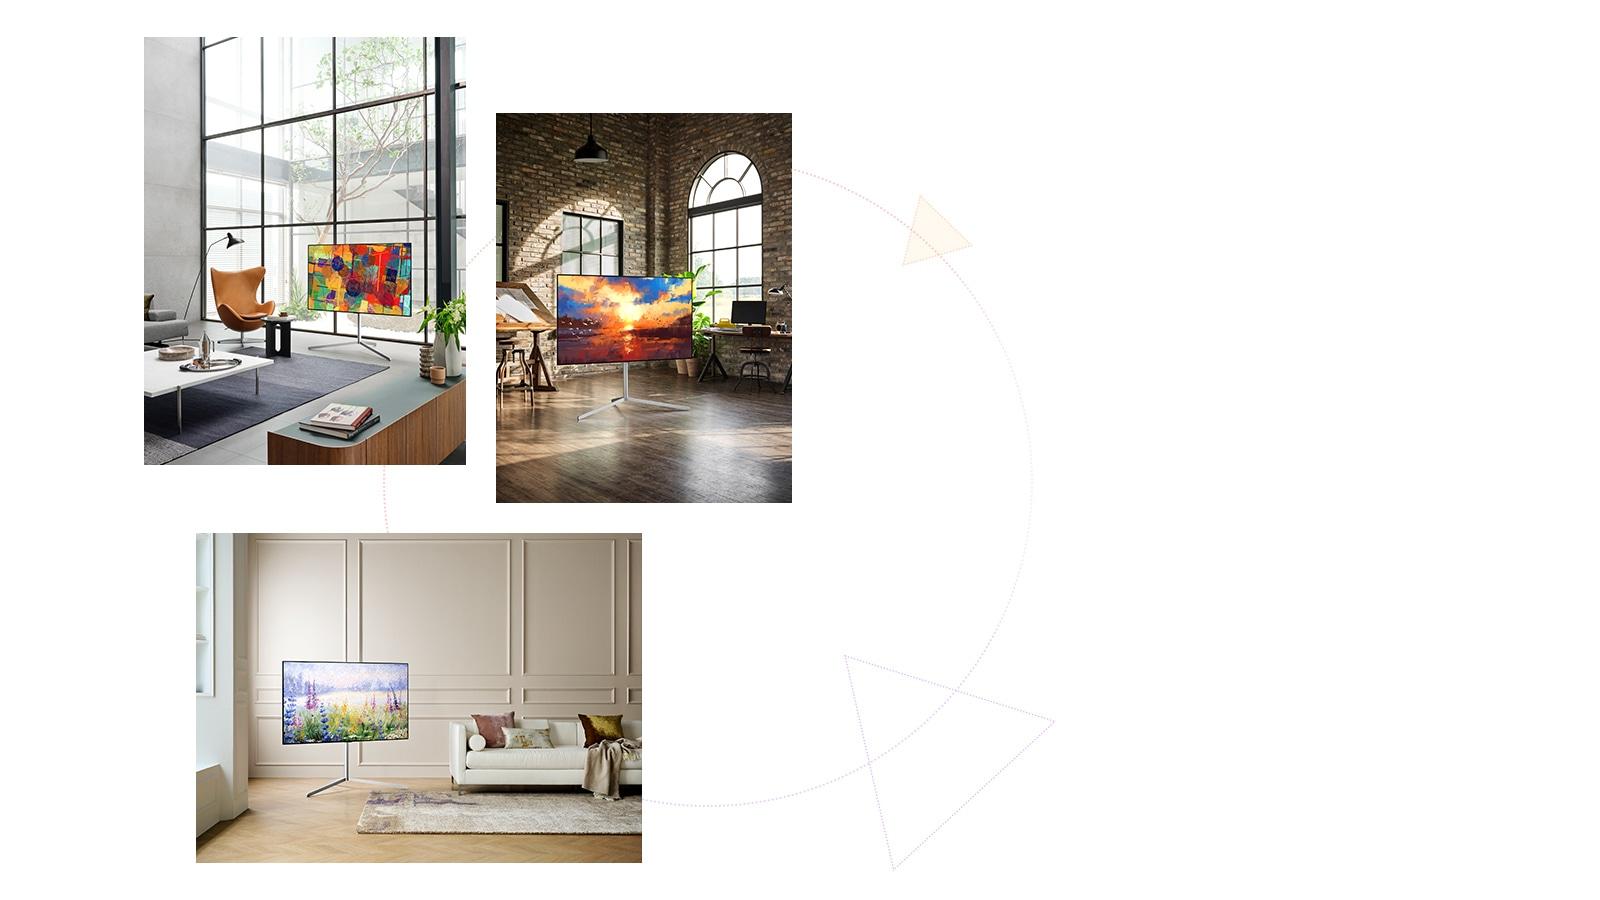 Tri televizora dizajna Gallery sa stalkom koji djeluju kao umjetnička djela na bilo kojem mjestu